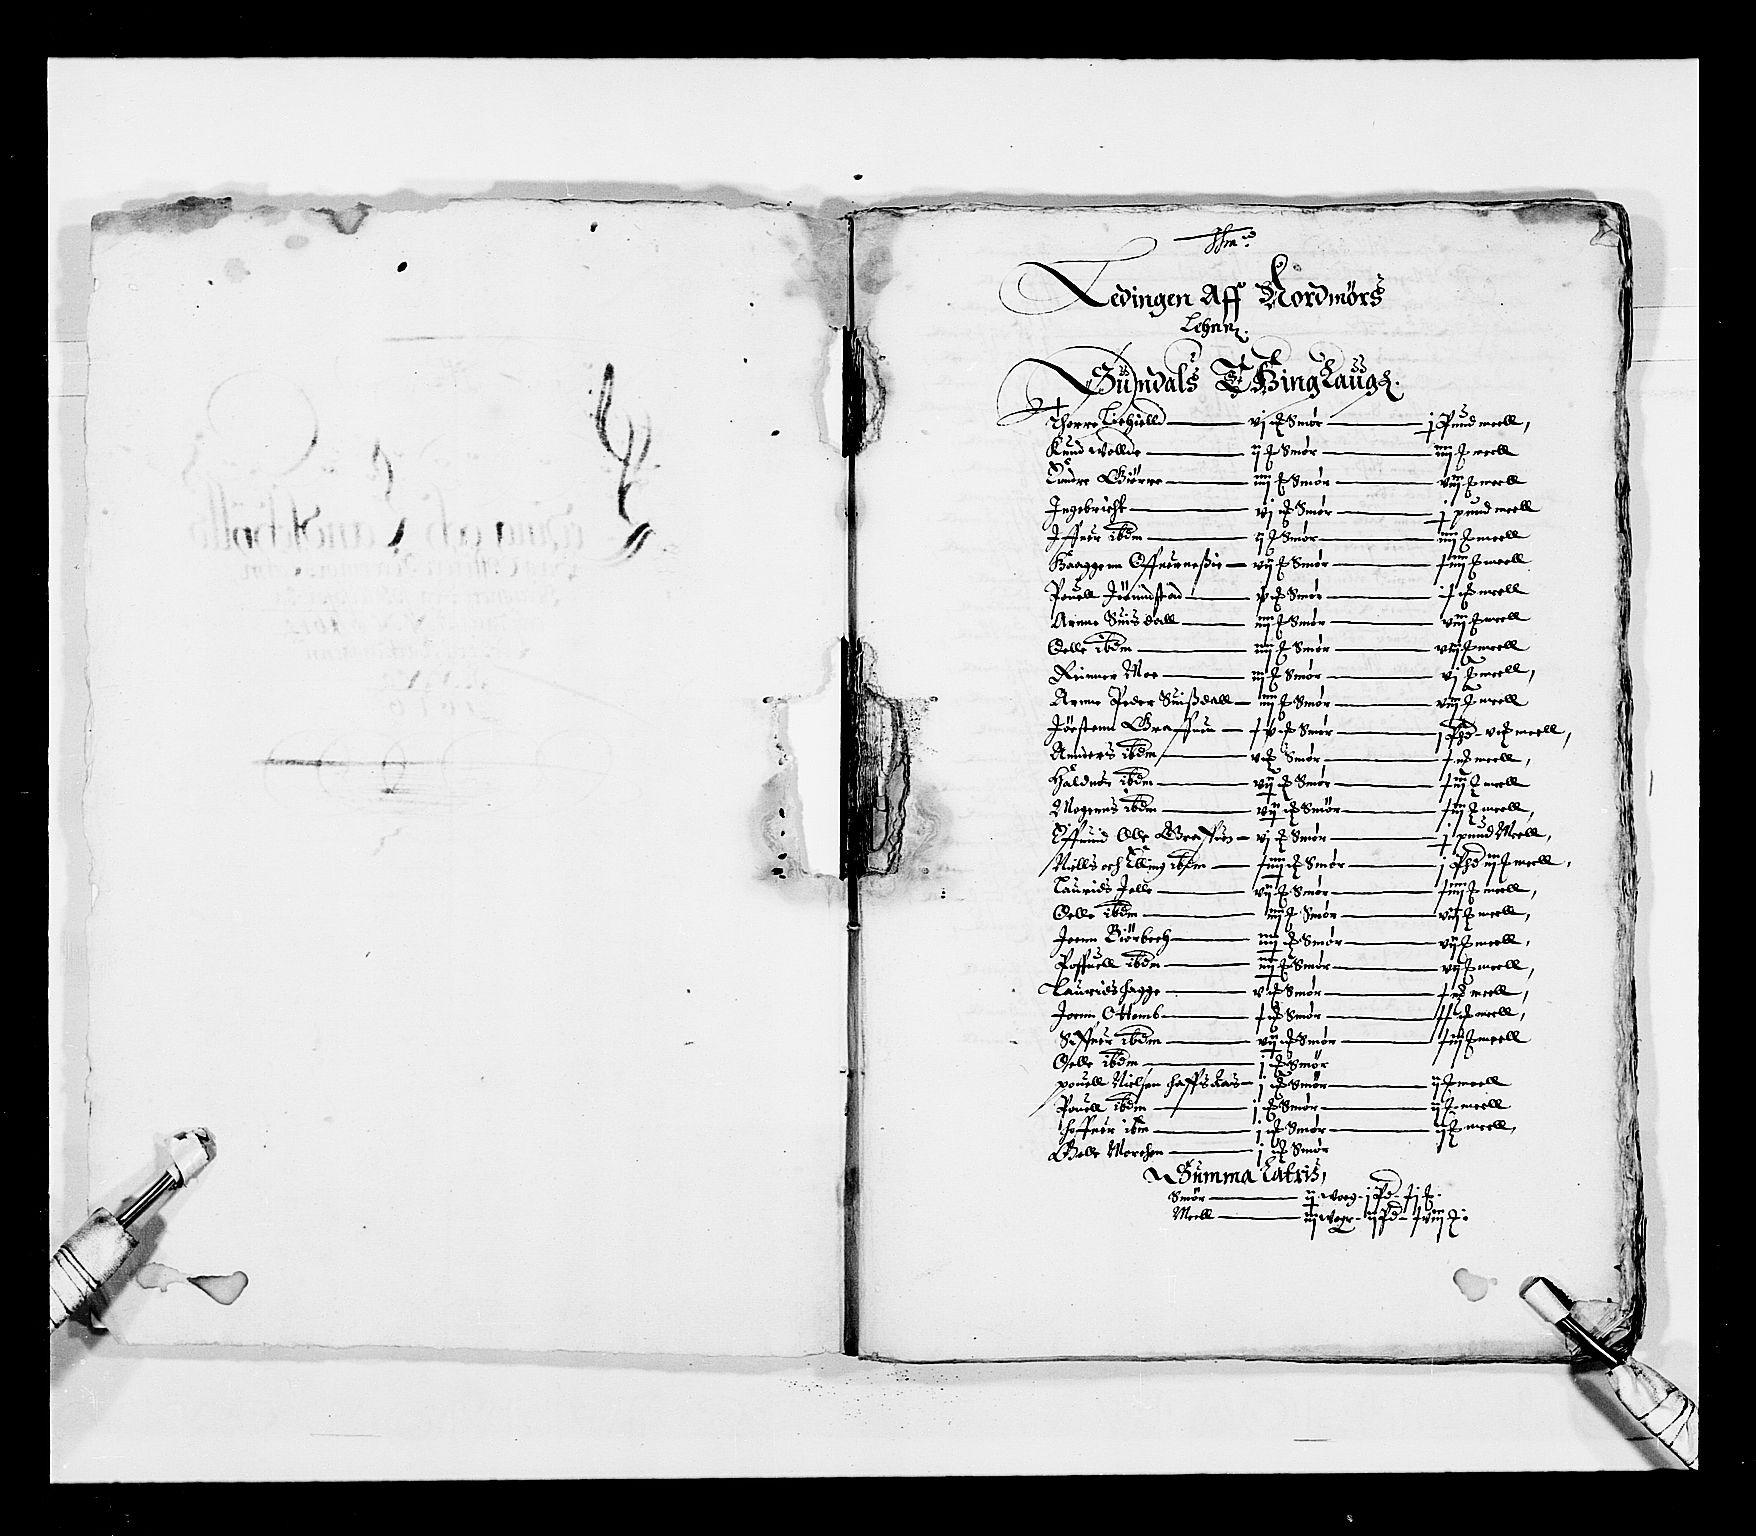 RA, Stattholderembetet 1572-1771, Ek/L0028: Jordebøker 1633-1658:, 1645-1646, s. 3